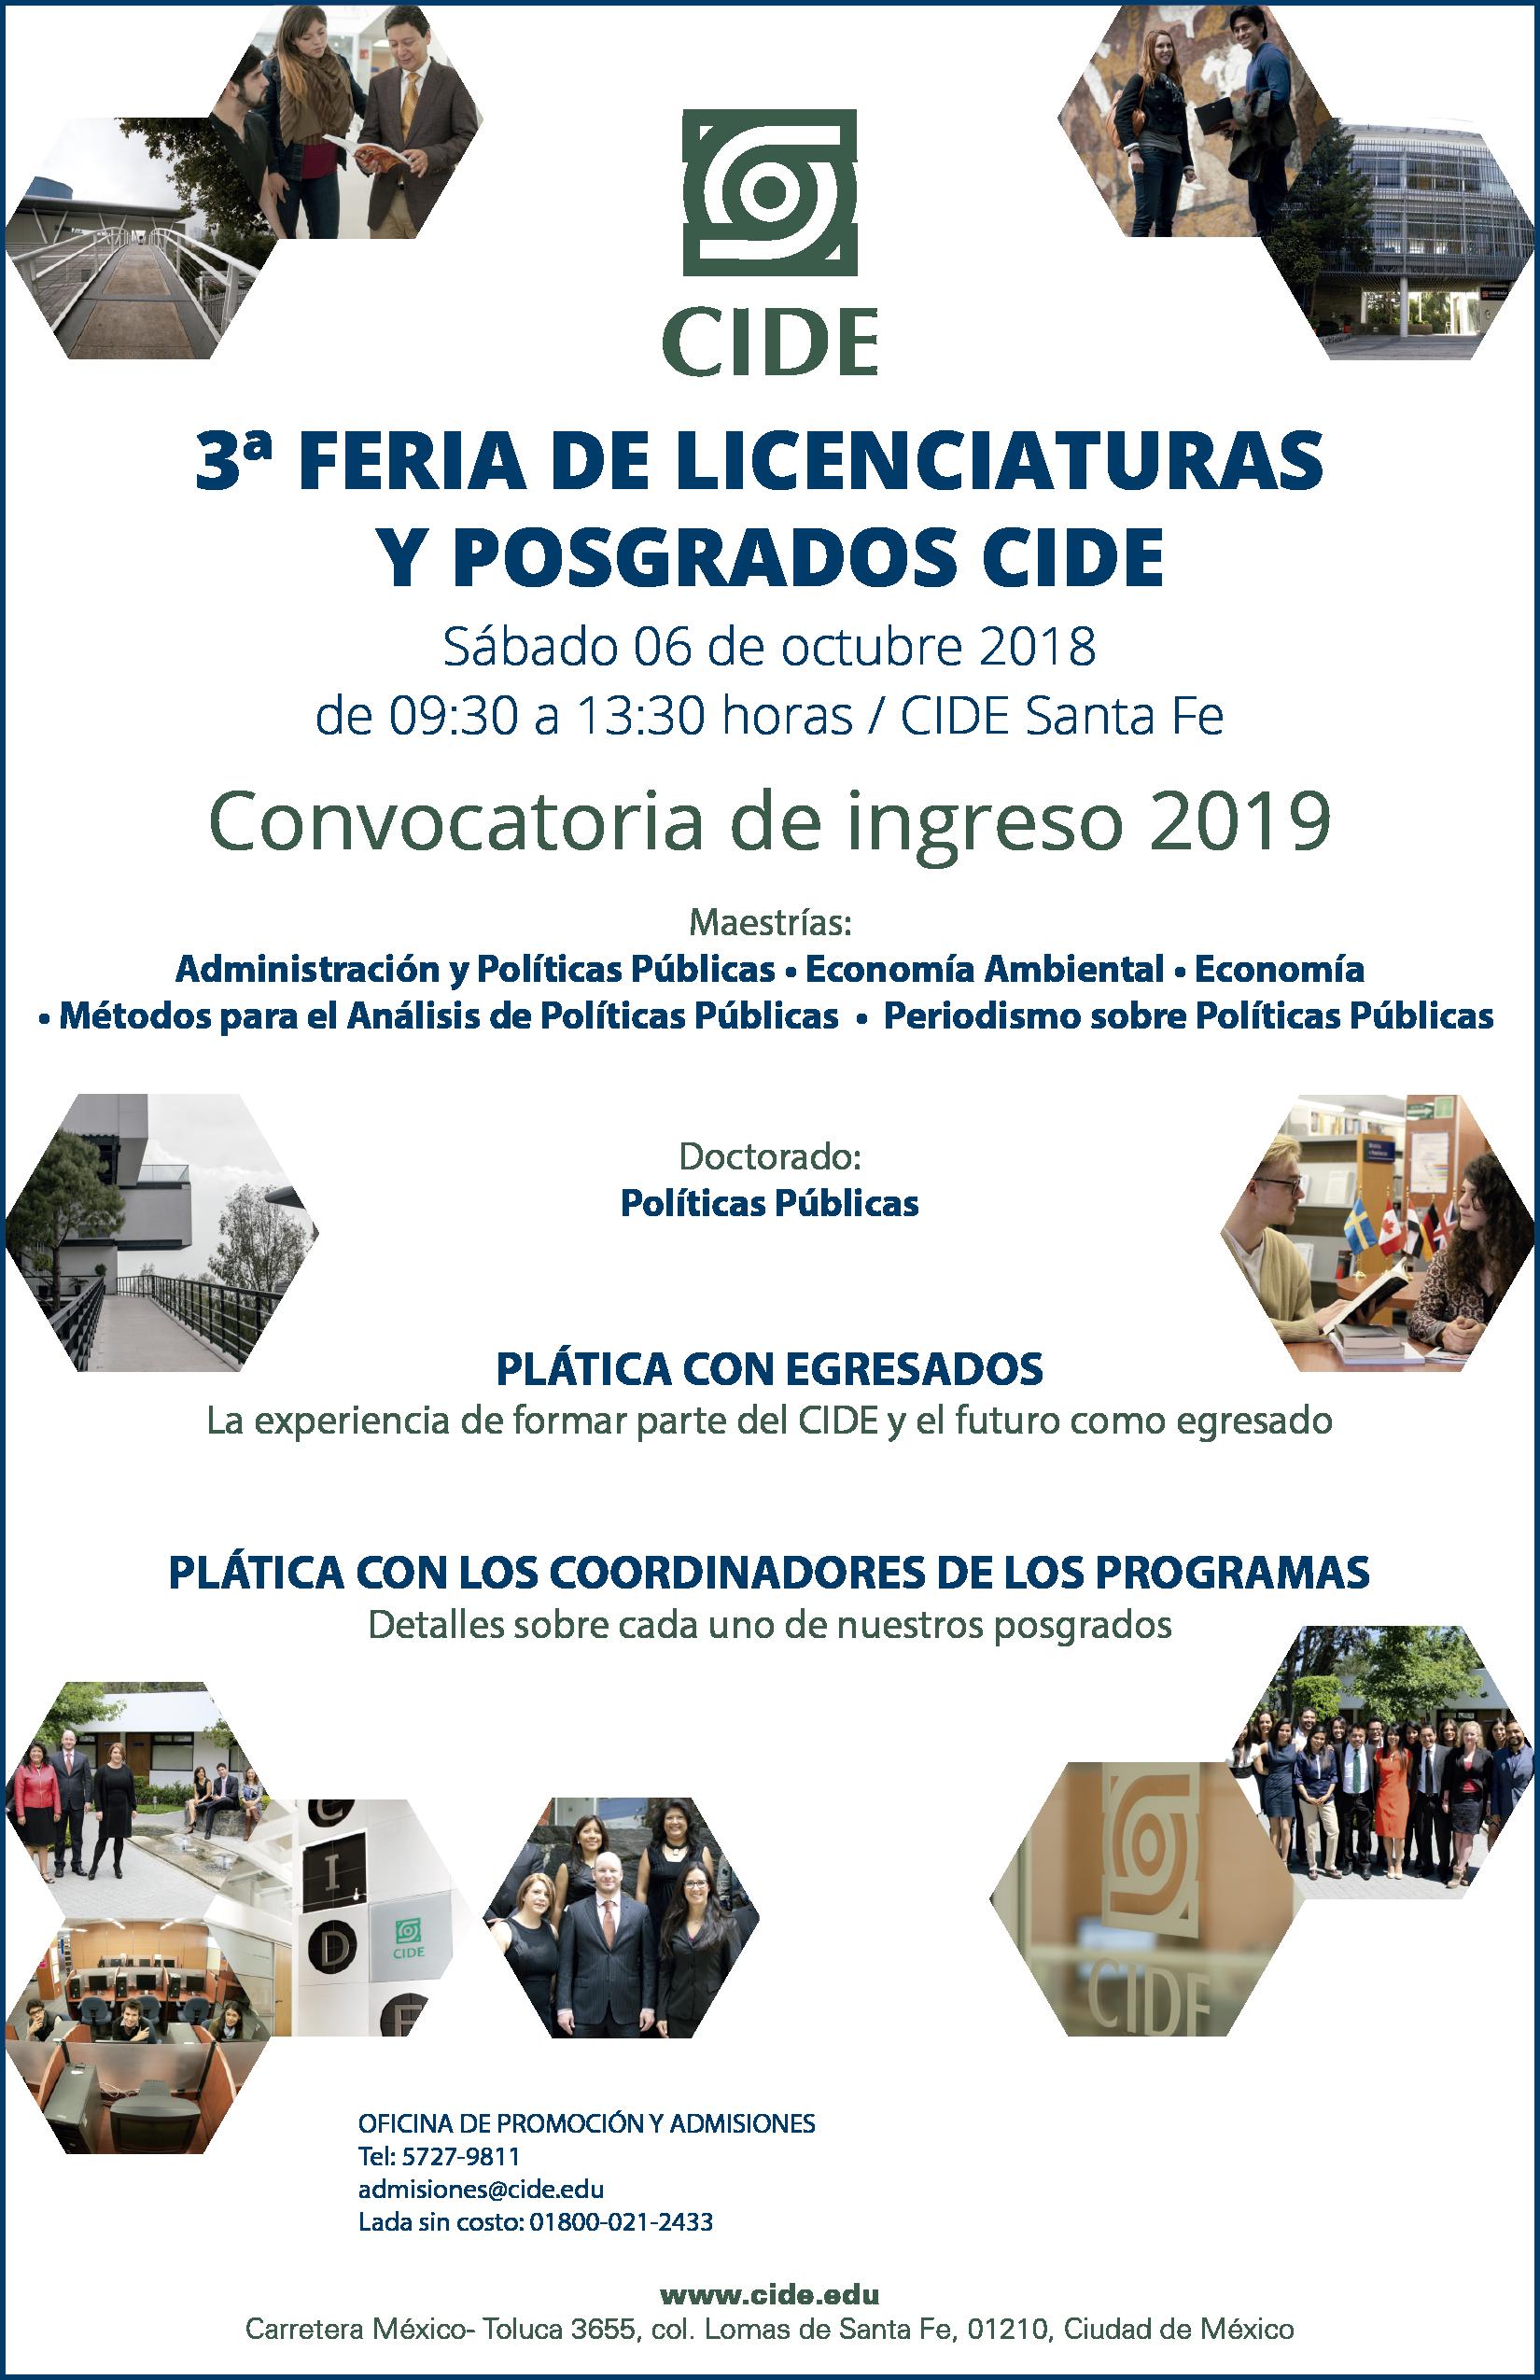 3a Feria de Licenciaturas y Posgrados CIDE